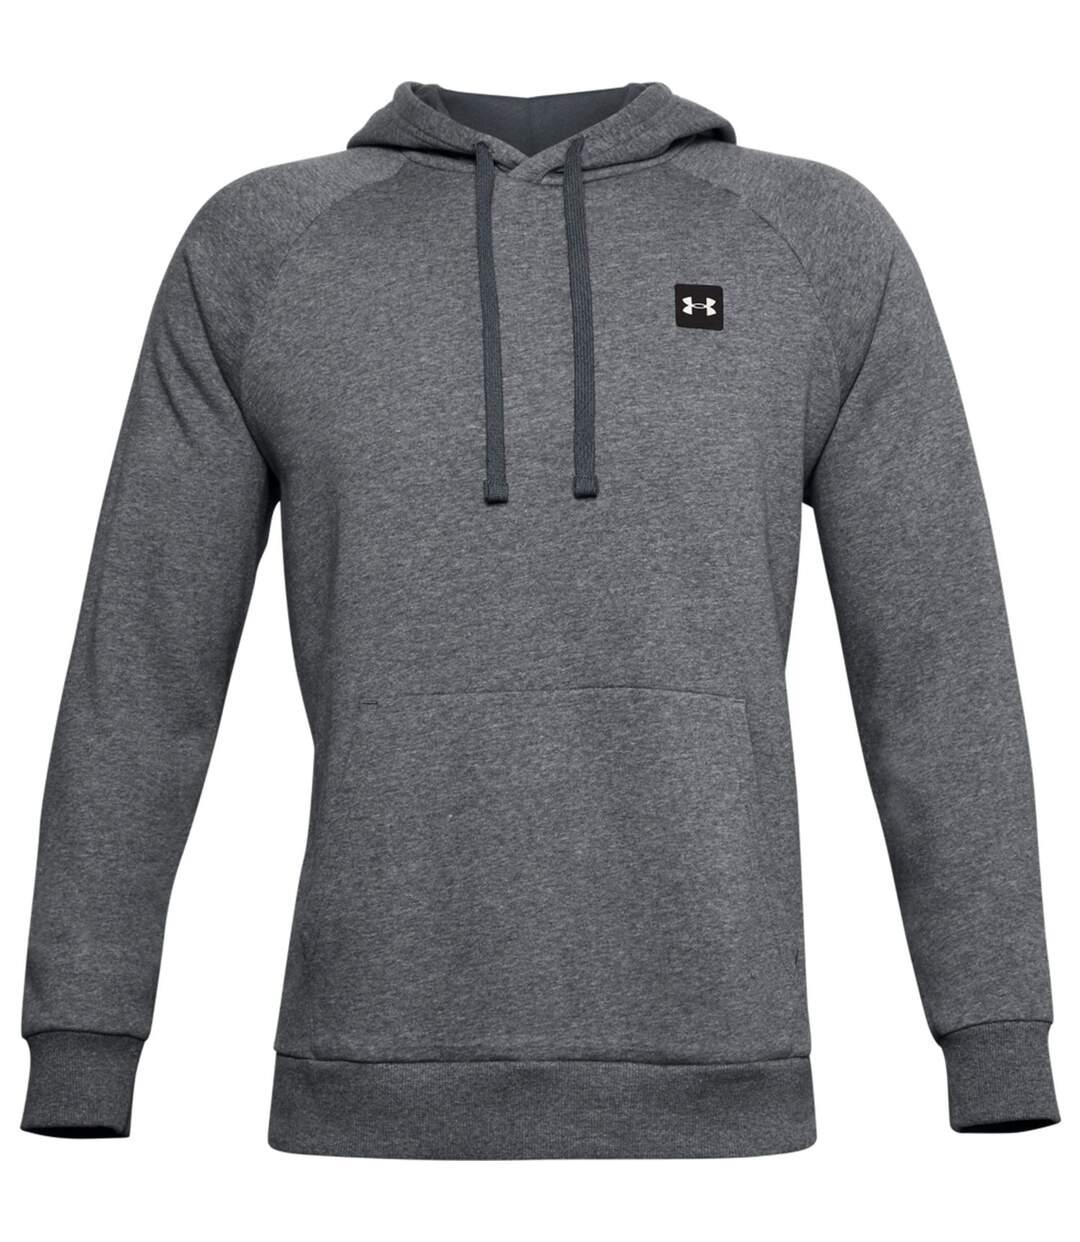 Sweat à capuche en molleton - Homme - UA002 - gris